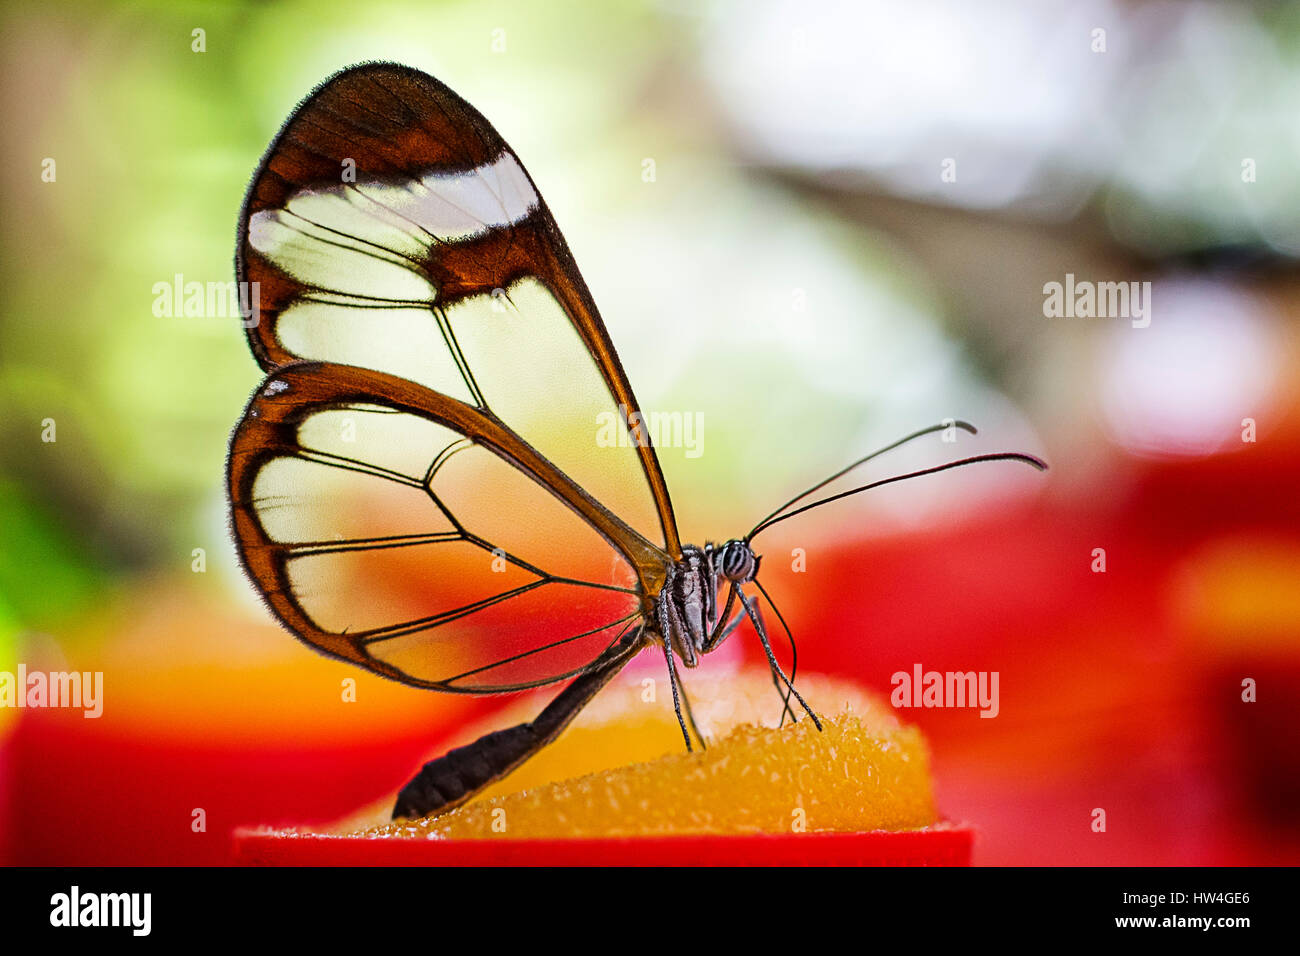 Greta Oto Schmetterling. Glas-Schmetterling oder Spiegel Schmetterling, durchsichtigen Flügeln. Schmetterlingspark Stockbild